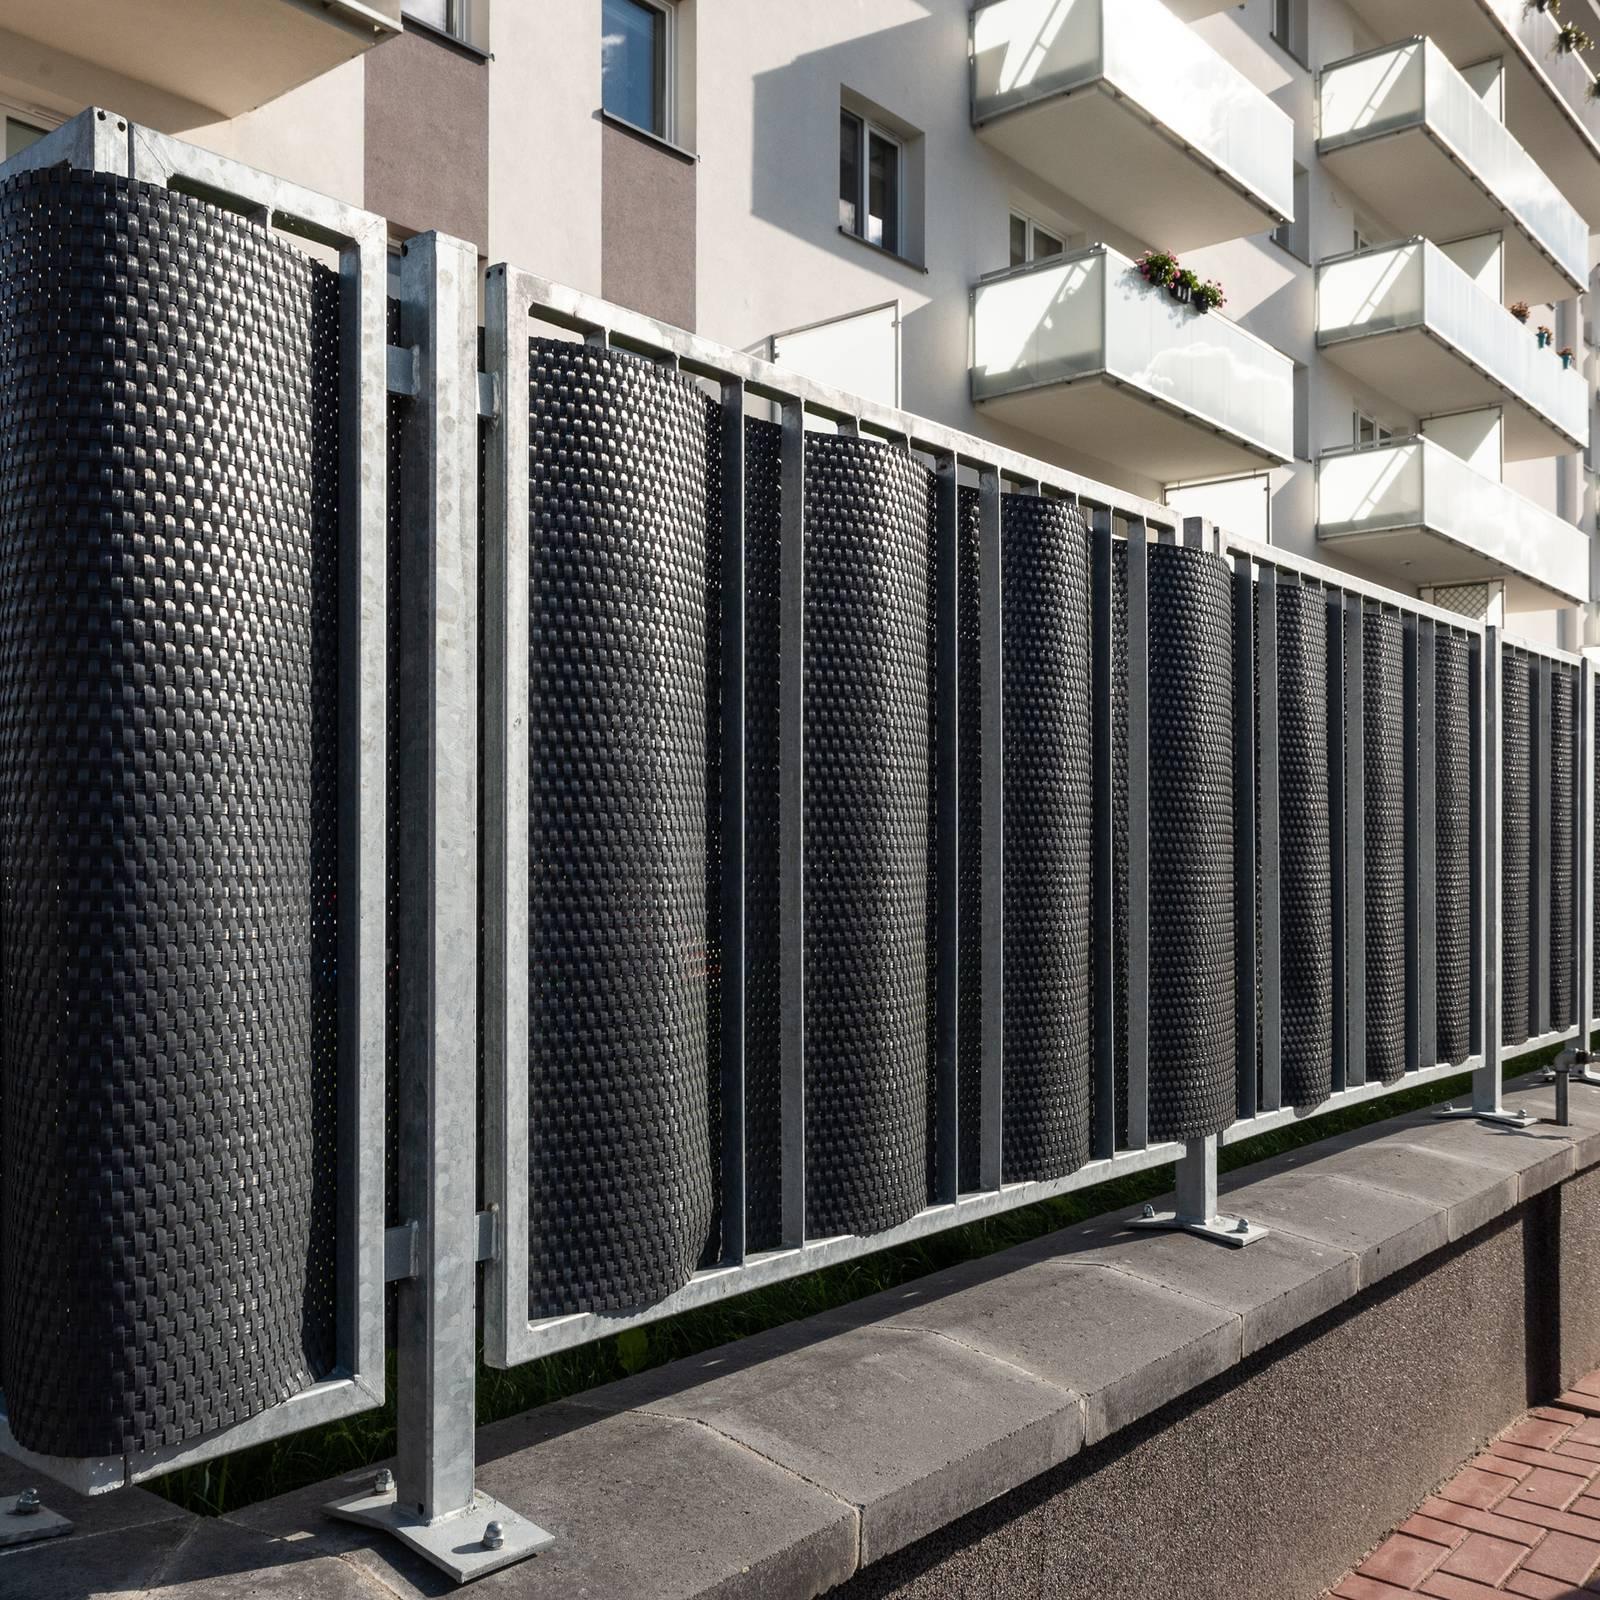 Osłona balkonowa Tress 0,9 x 3 m szara PATIO